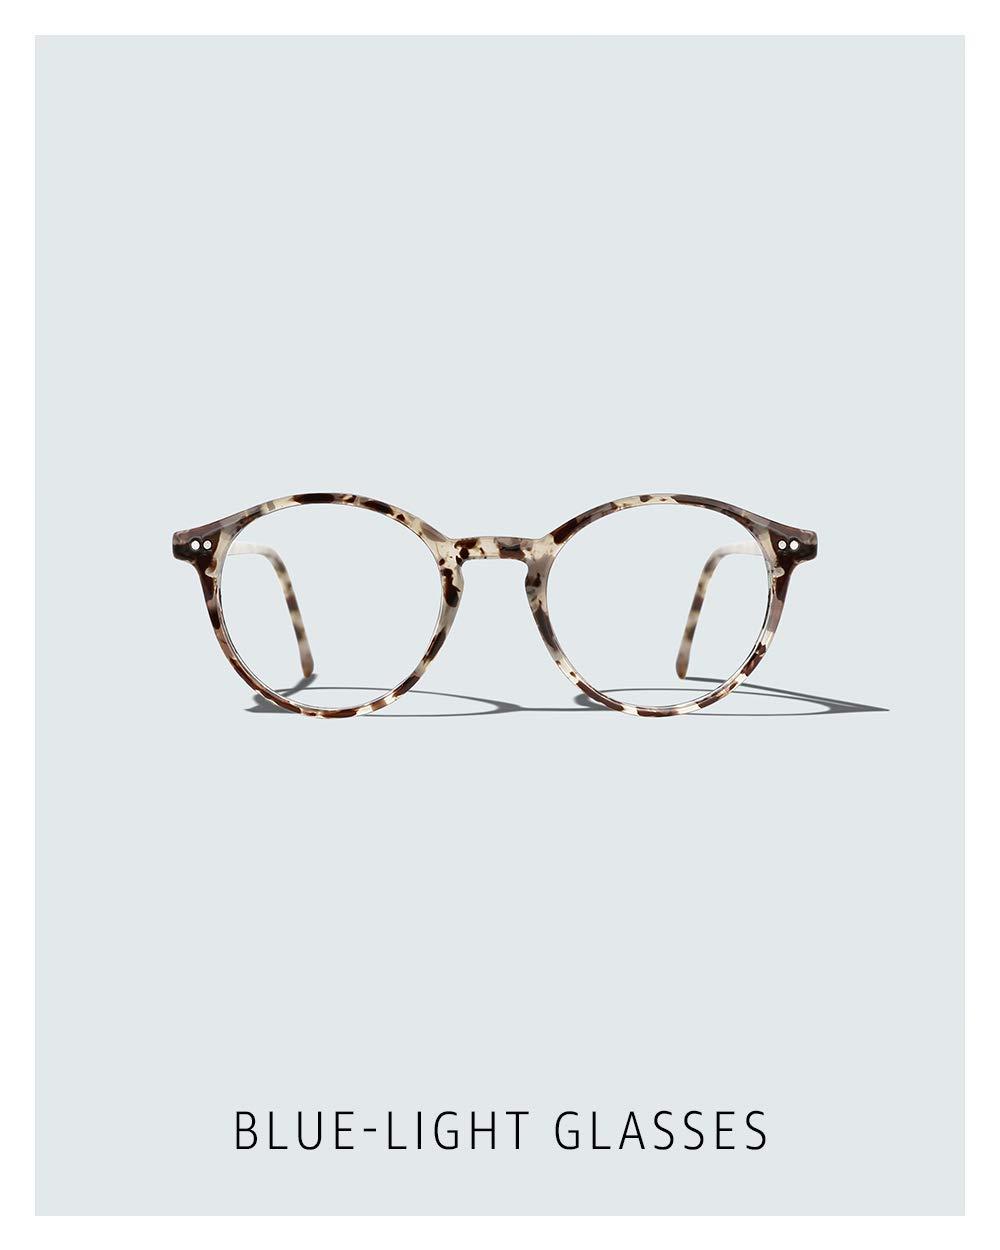 Blue-light glasses